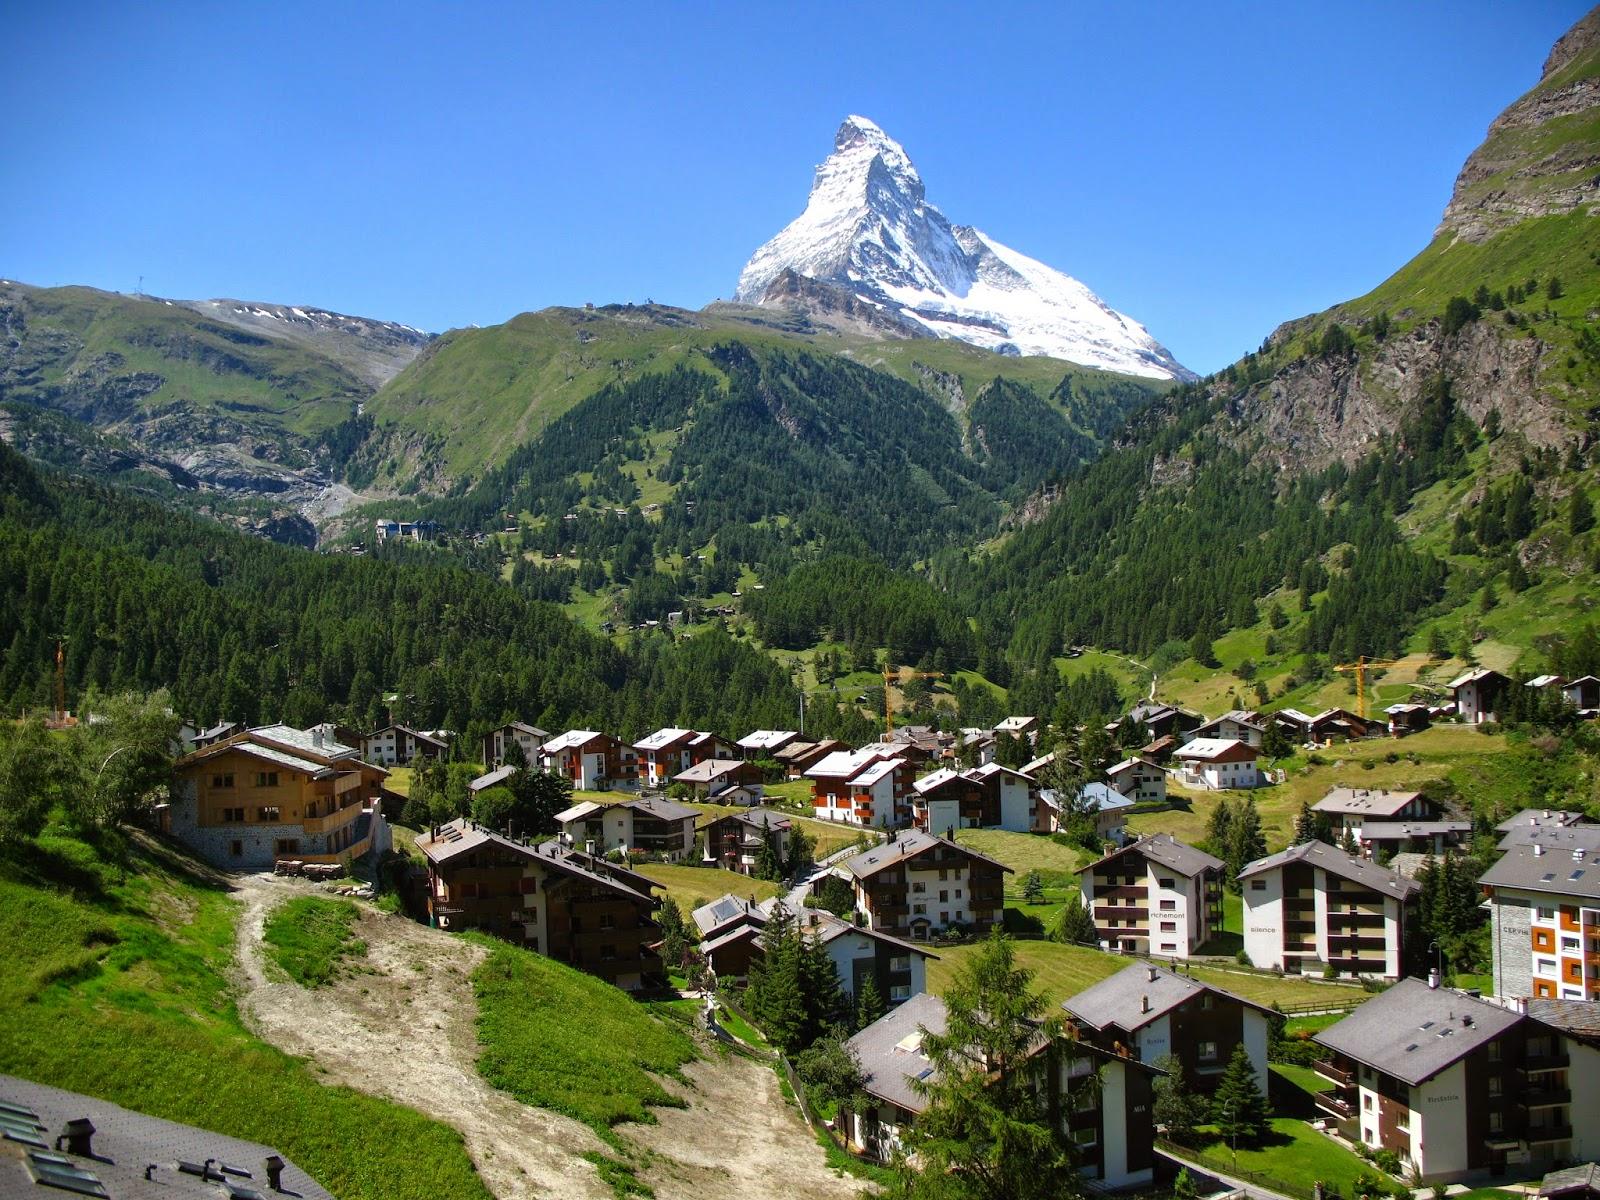 nkelmatten_-_Matterhorn_viewed_from_Gornergratbahn.jpg